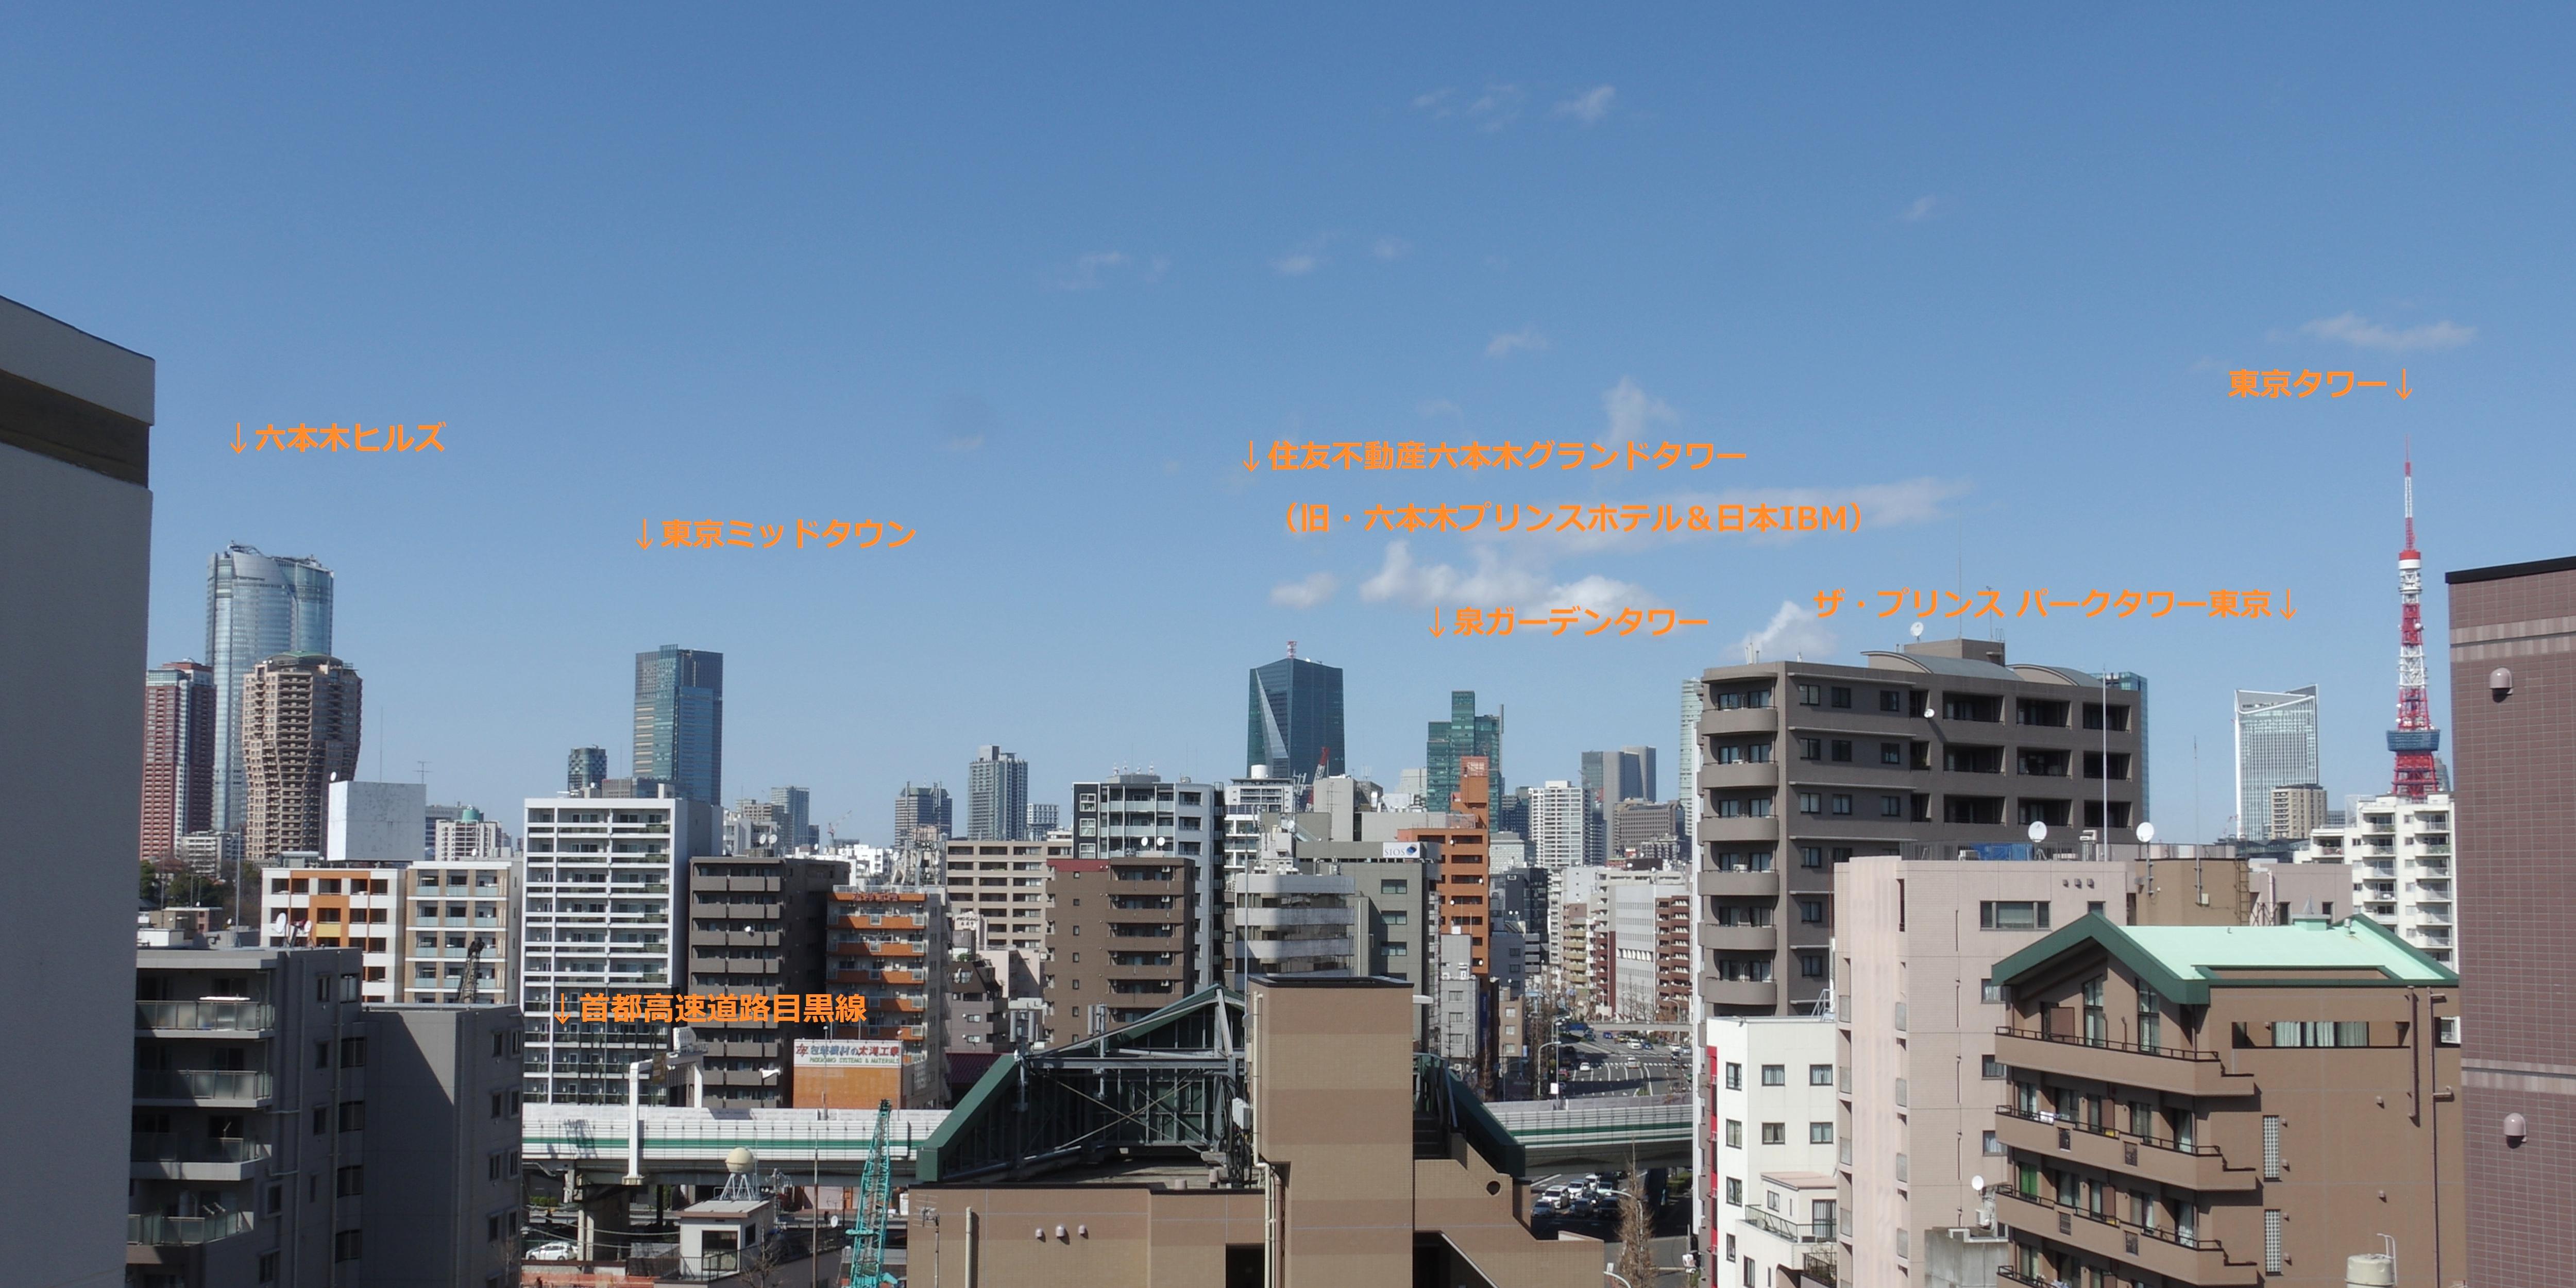 [2019年03月21日][自宅]